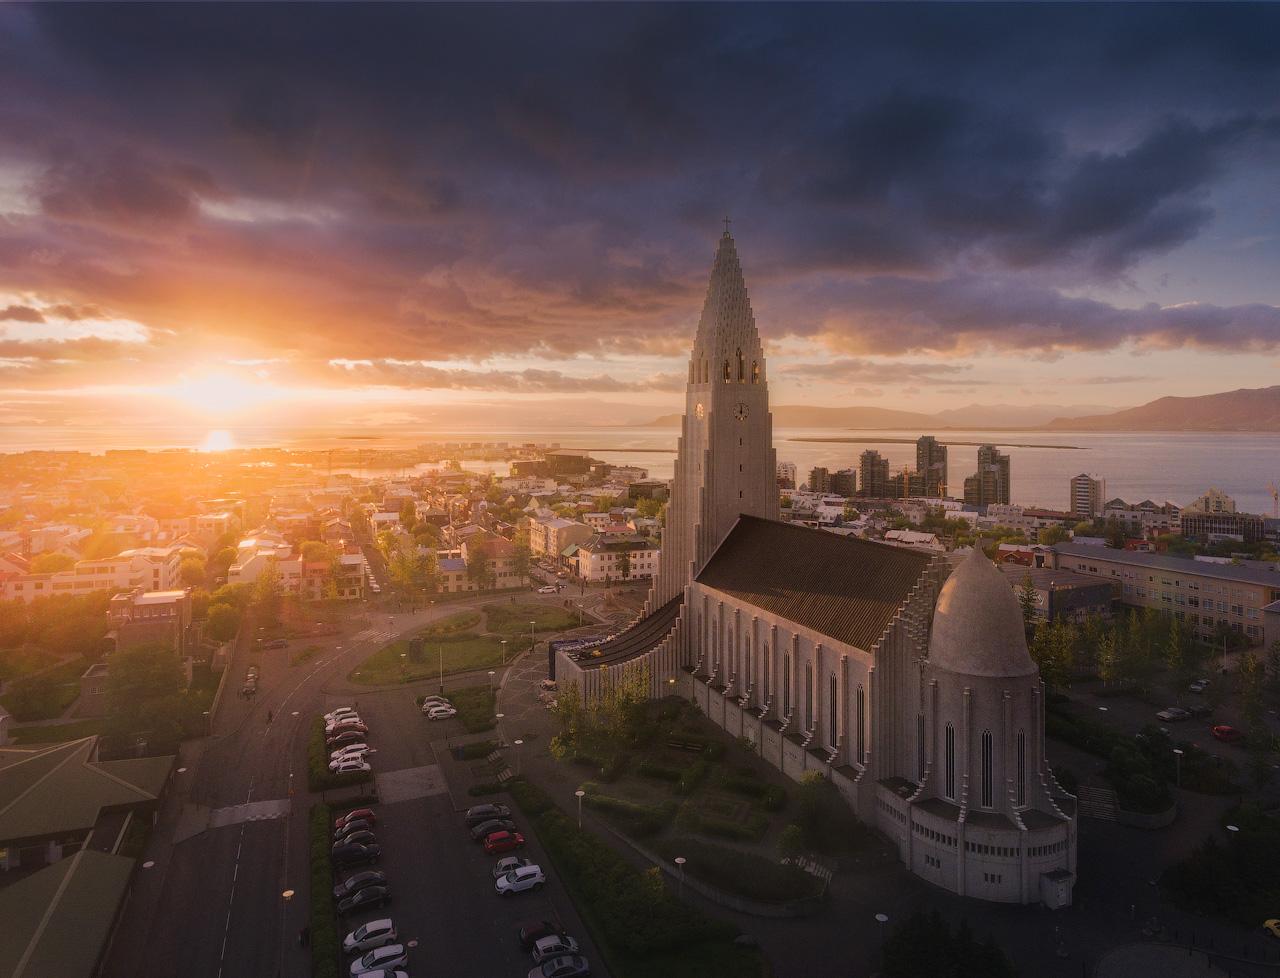 Die Hallgrímskirkja-Kirche ist wohl eine der bekanntesten Sehenswürdigkeiten in der Hauptstadt Reykjavik. Hier ist sie in das warme Licht des Sonnenuntergangs getaucht.